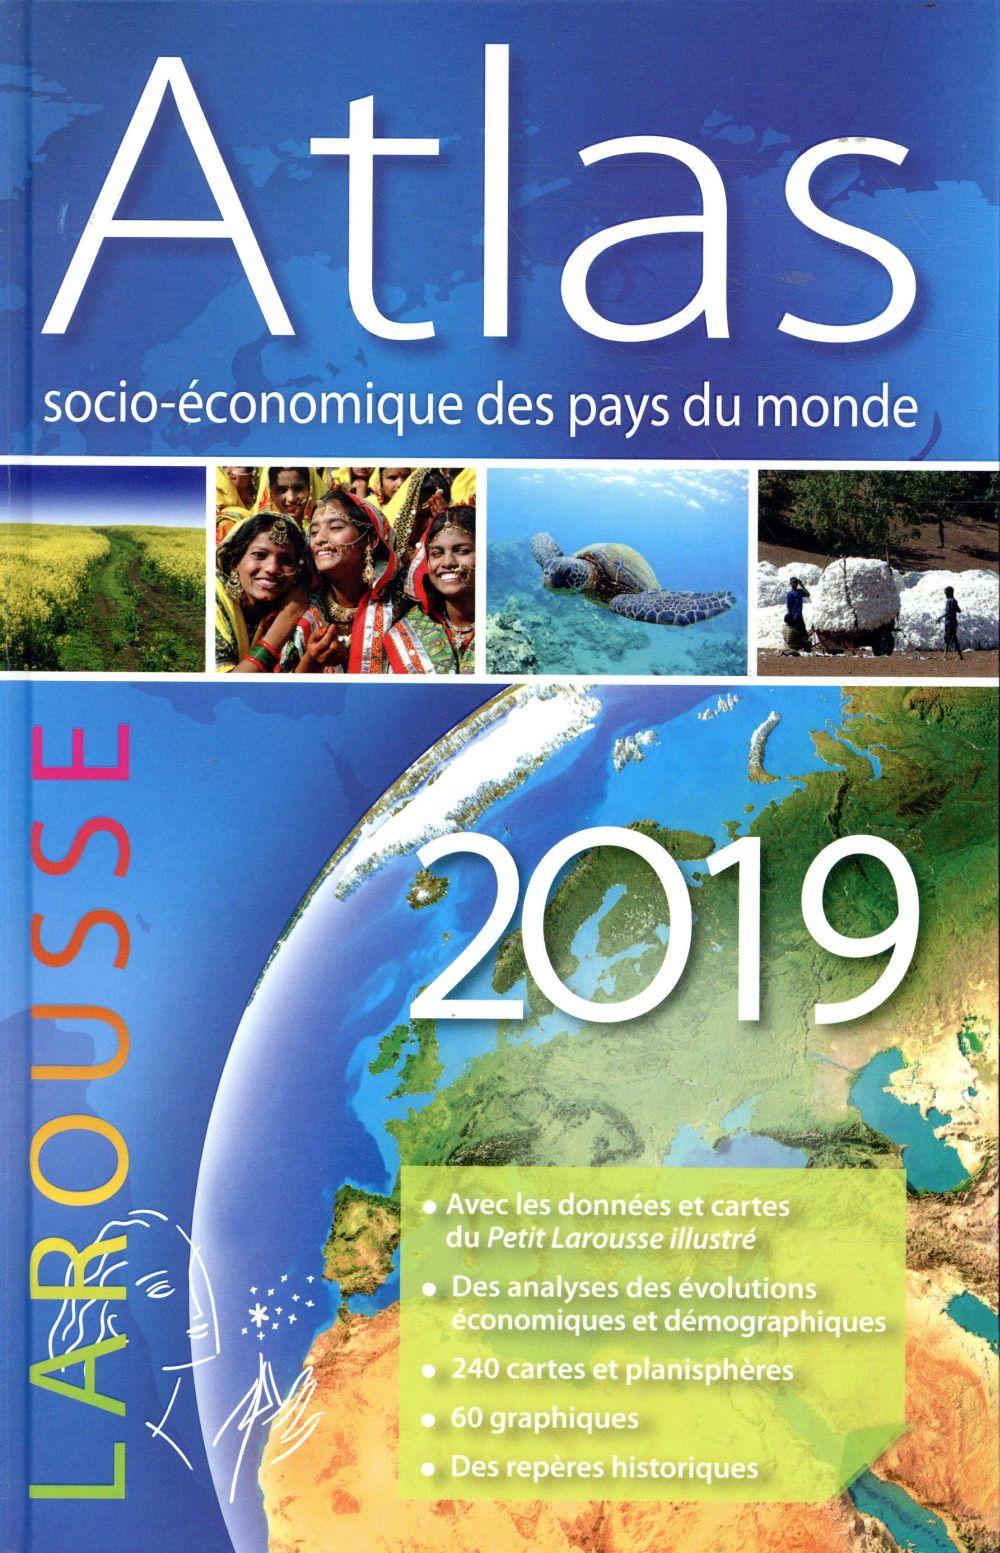 ATLAS SOCIO-ECONOMIQUE DES PAYS DU MONDE (EDITION 2019)